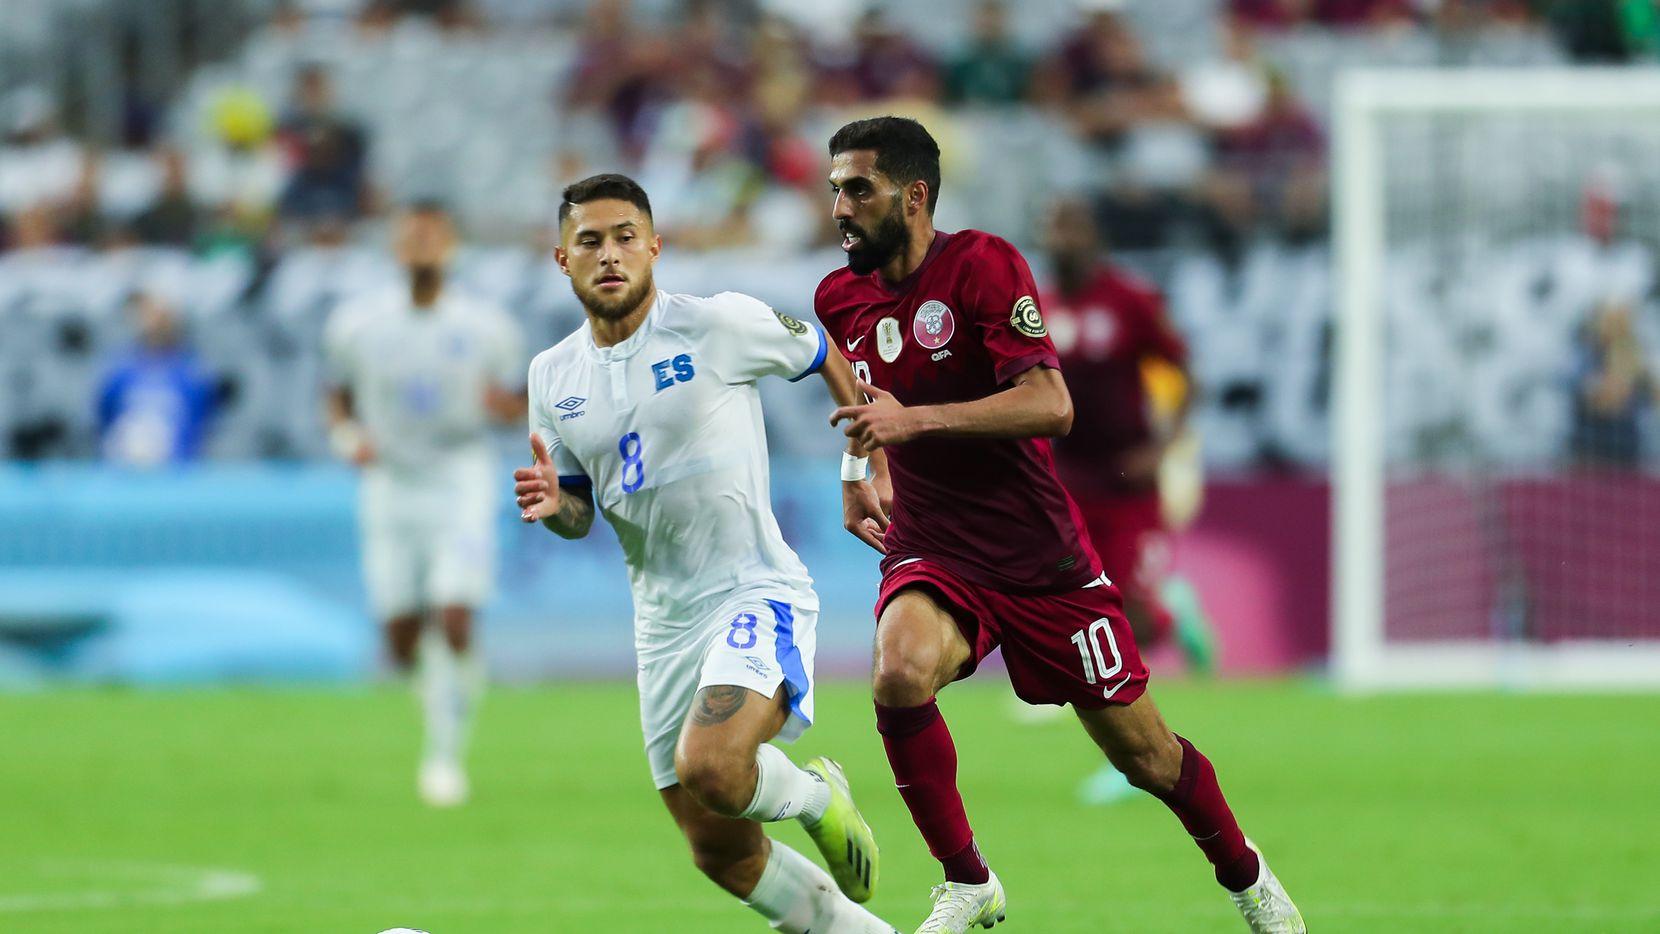 Hasan Al Haydos (der) pelea por el balón con Joshua Perez de El Salvador durante el partido de cuartos de final entre Qatar y El Salvador  en el State Farm Stadium, el 24 de julio de 2021 en Glendale, Arizona.